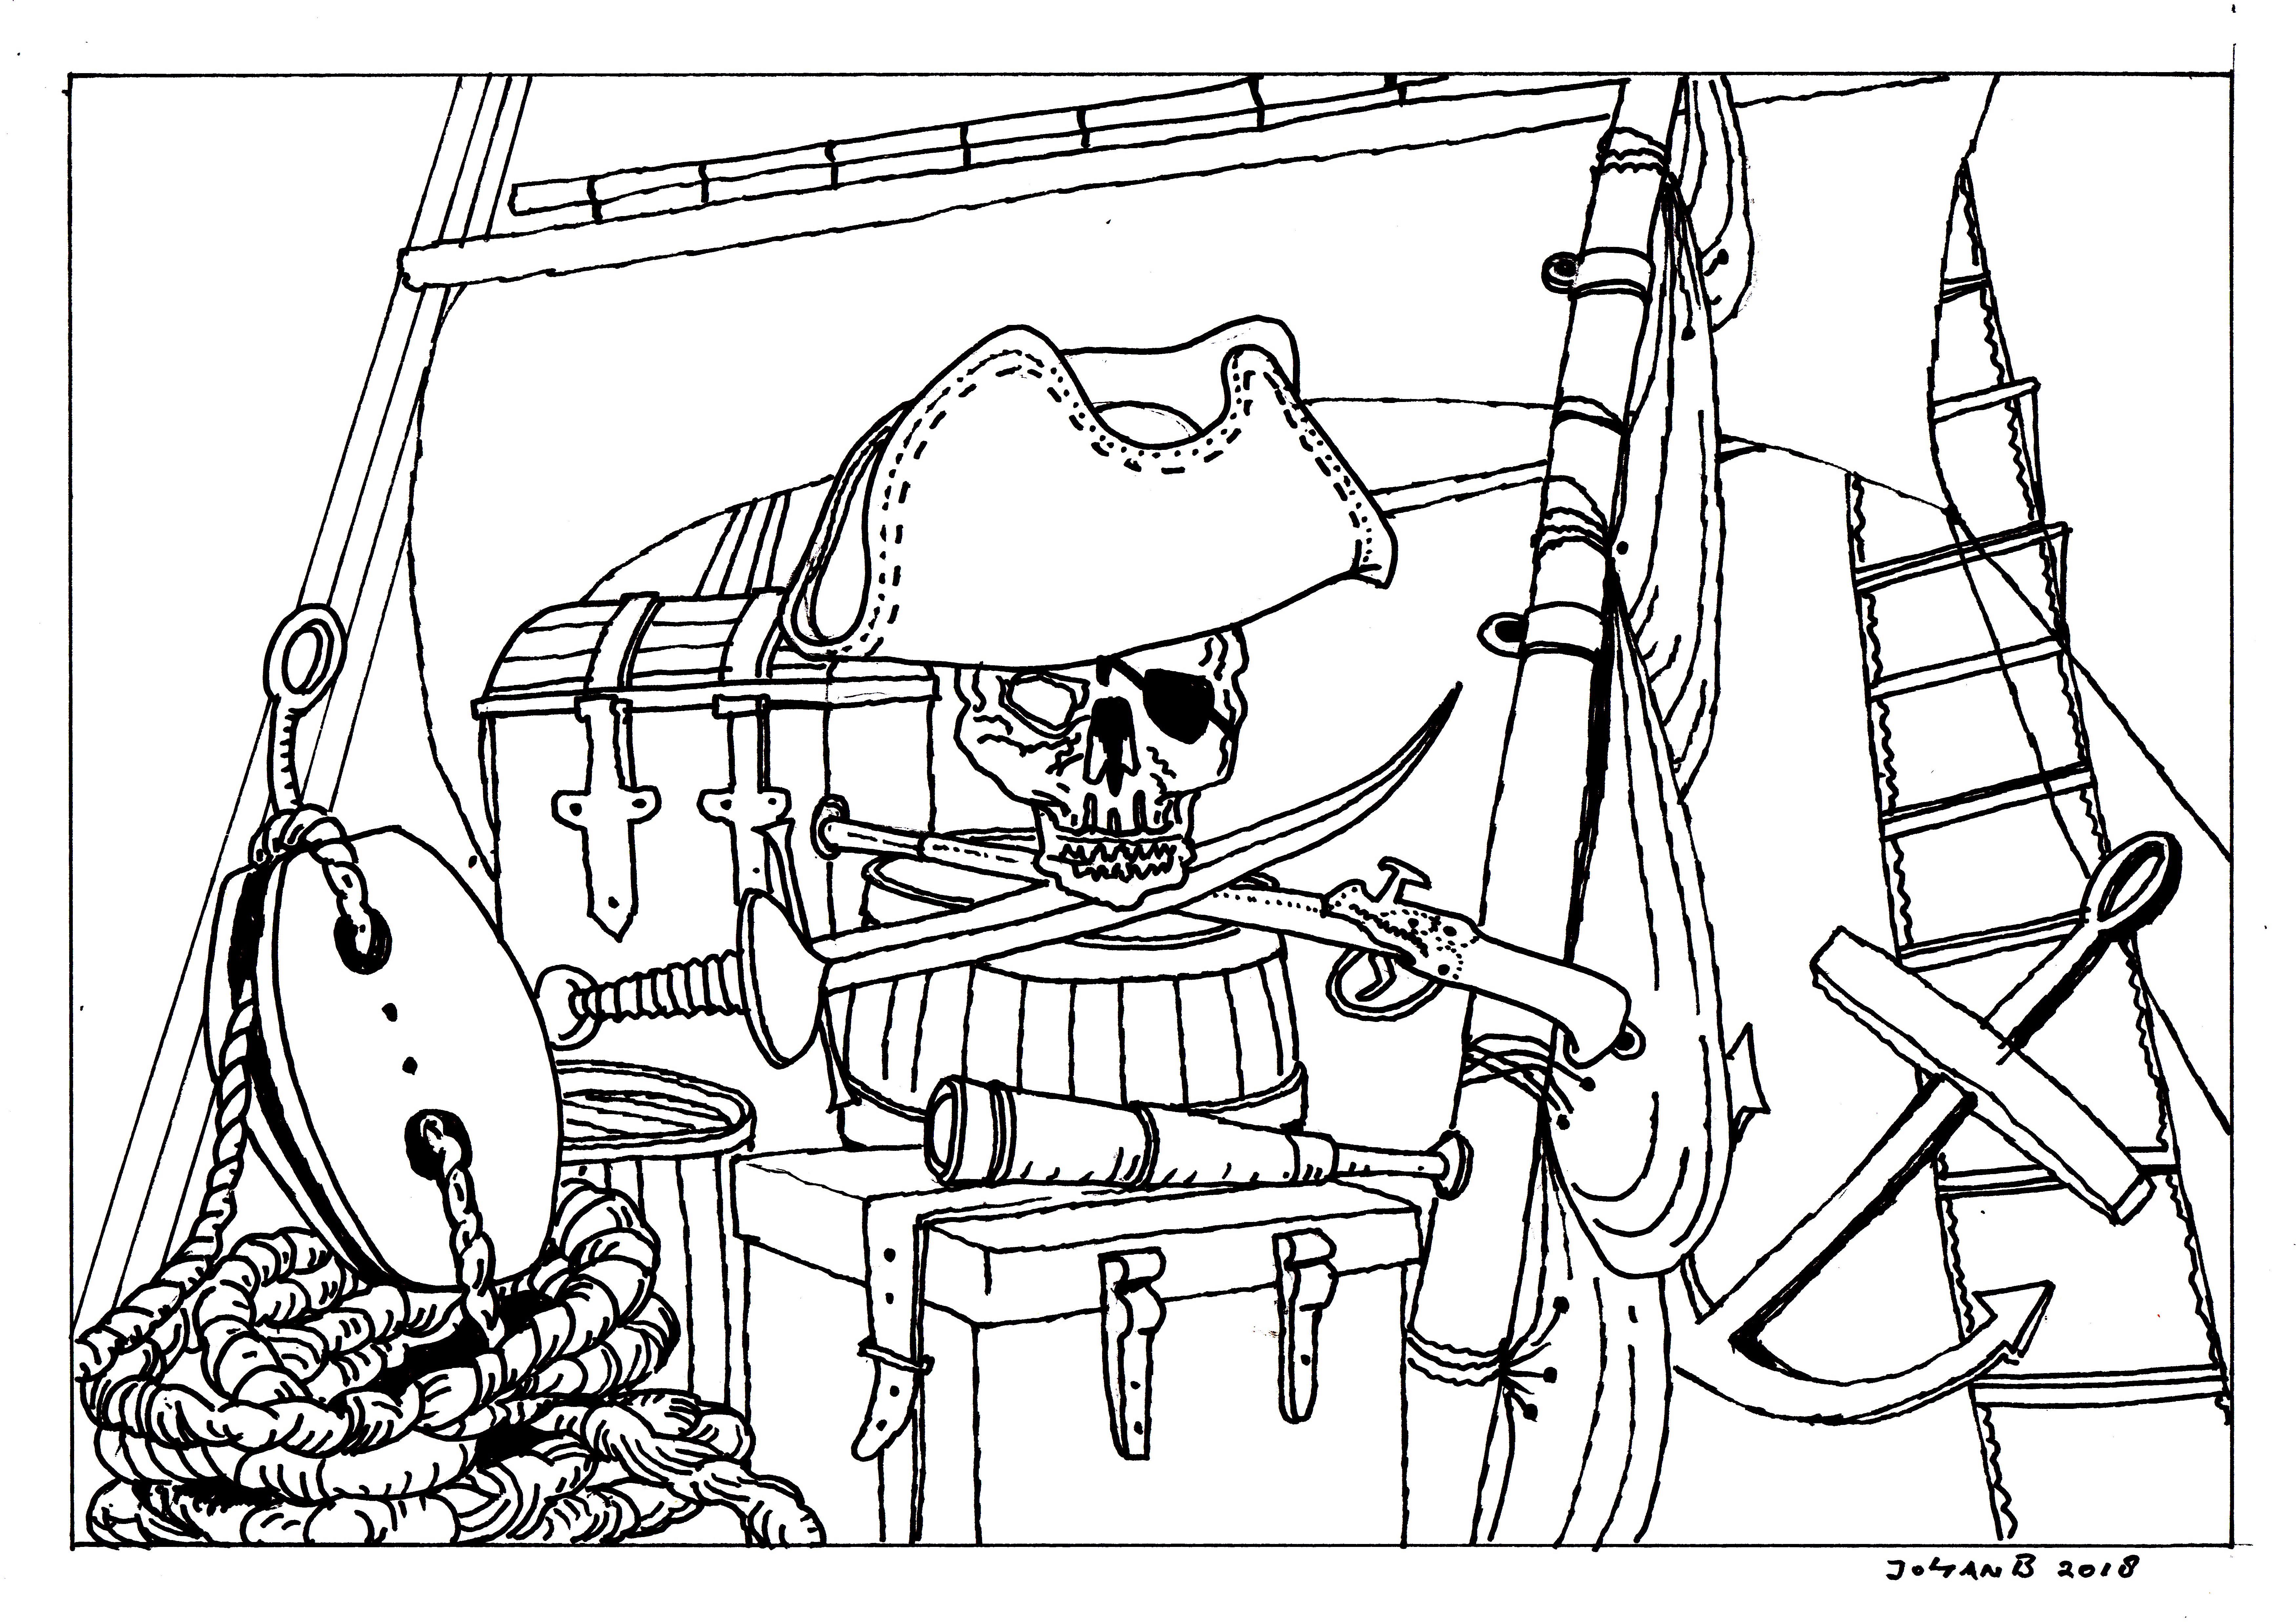 Piraat Kleurplaten Zoeken.Piraten Project Kleurplaten Johan Breuker Tekenaar